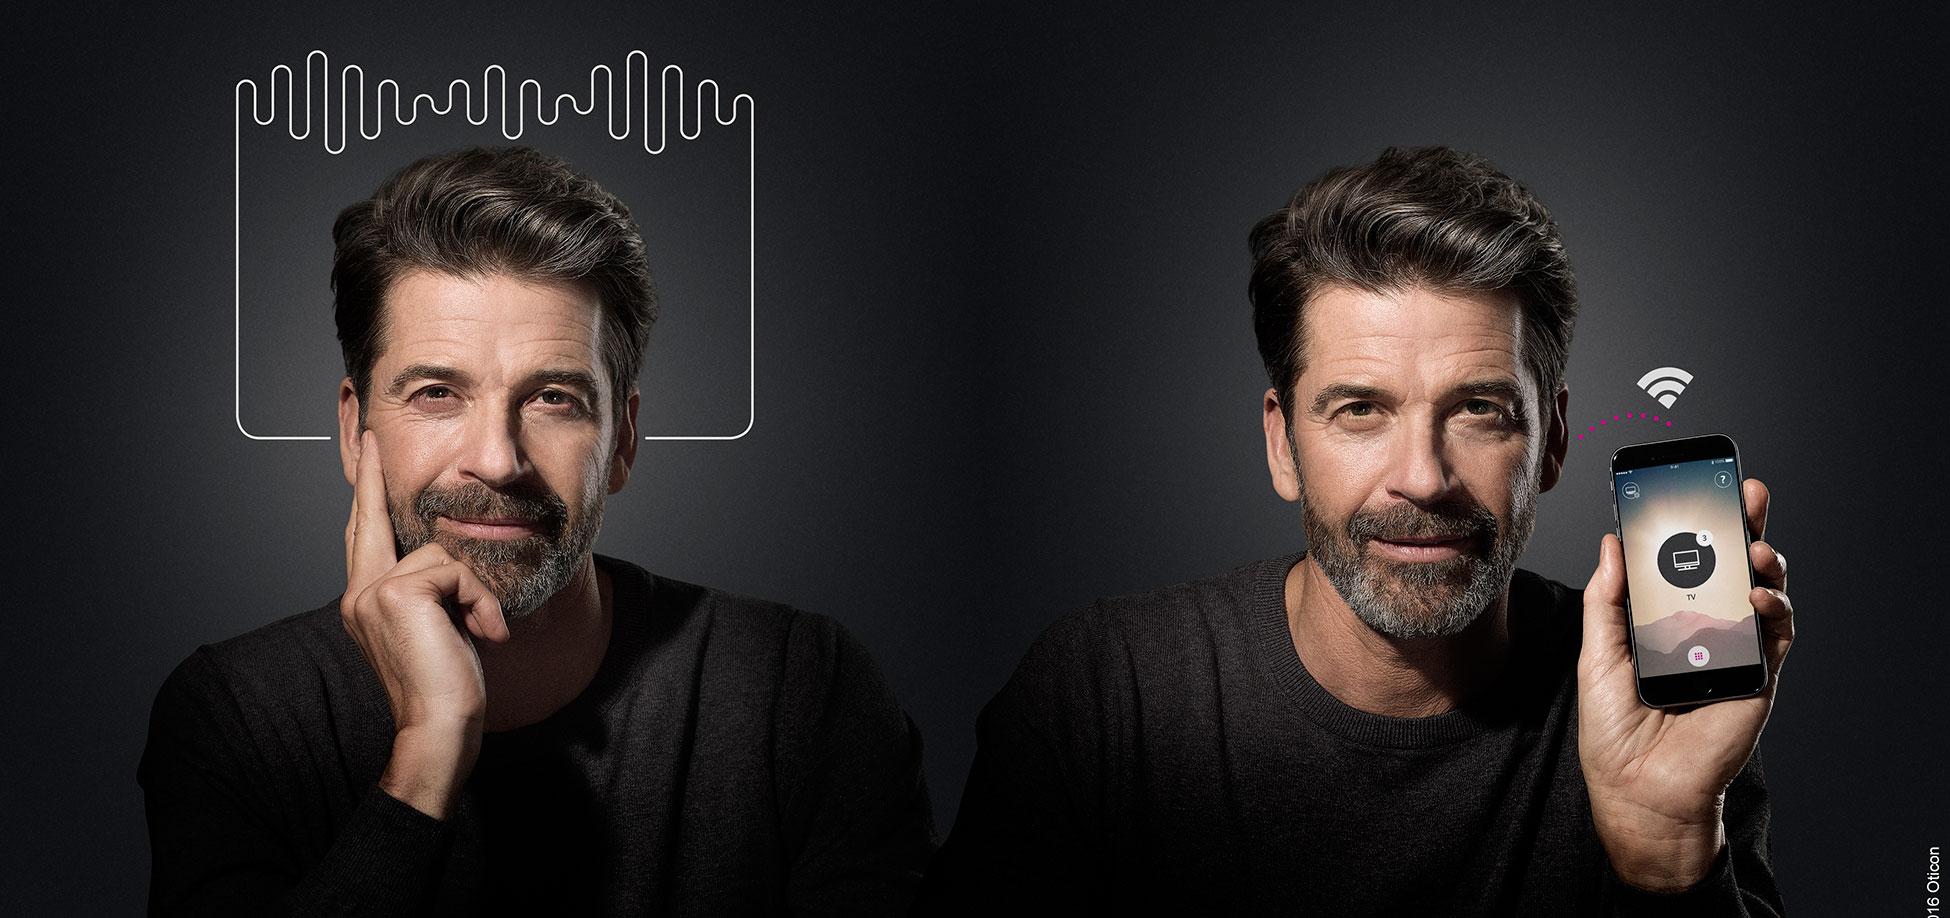 Oticon Opn Iphone hoortoestel gehoorapparaat